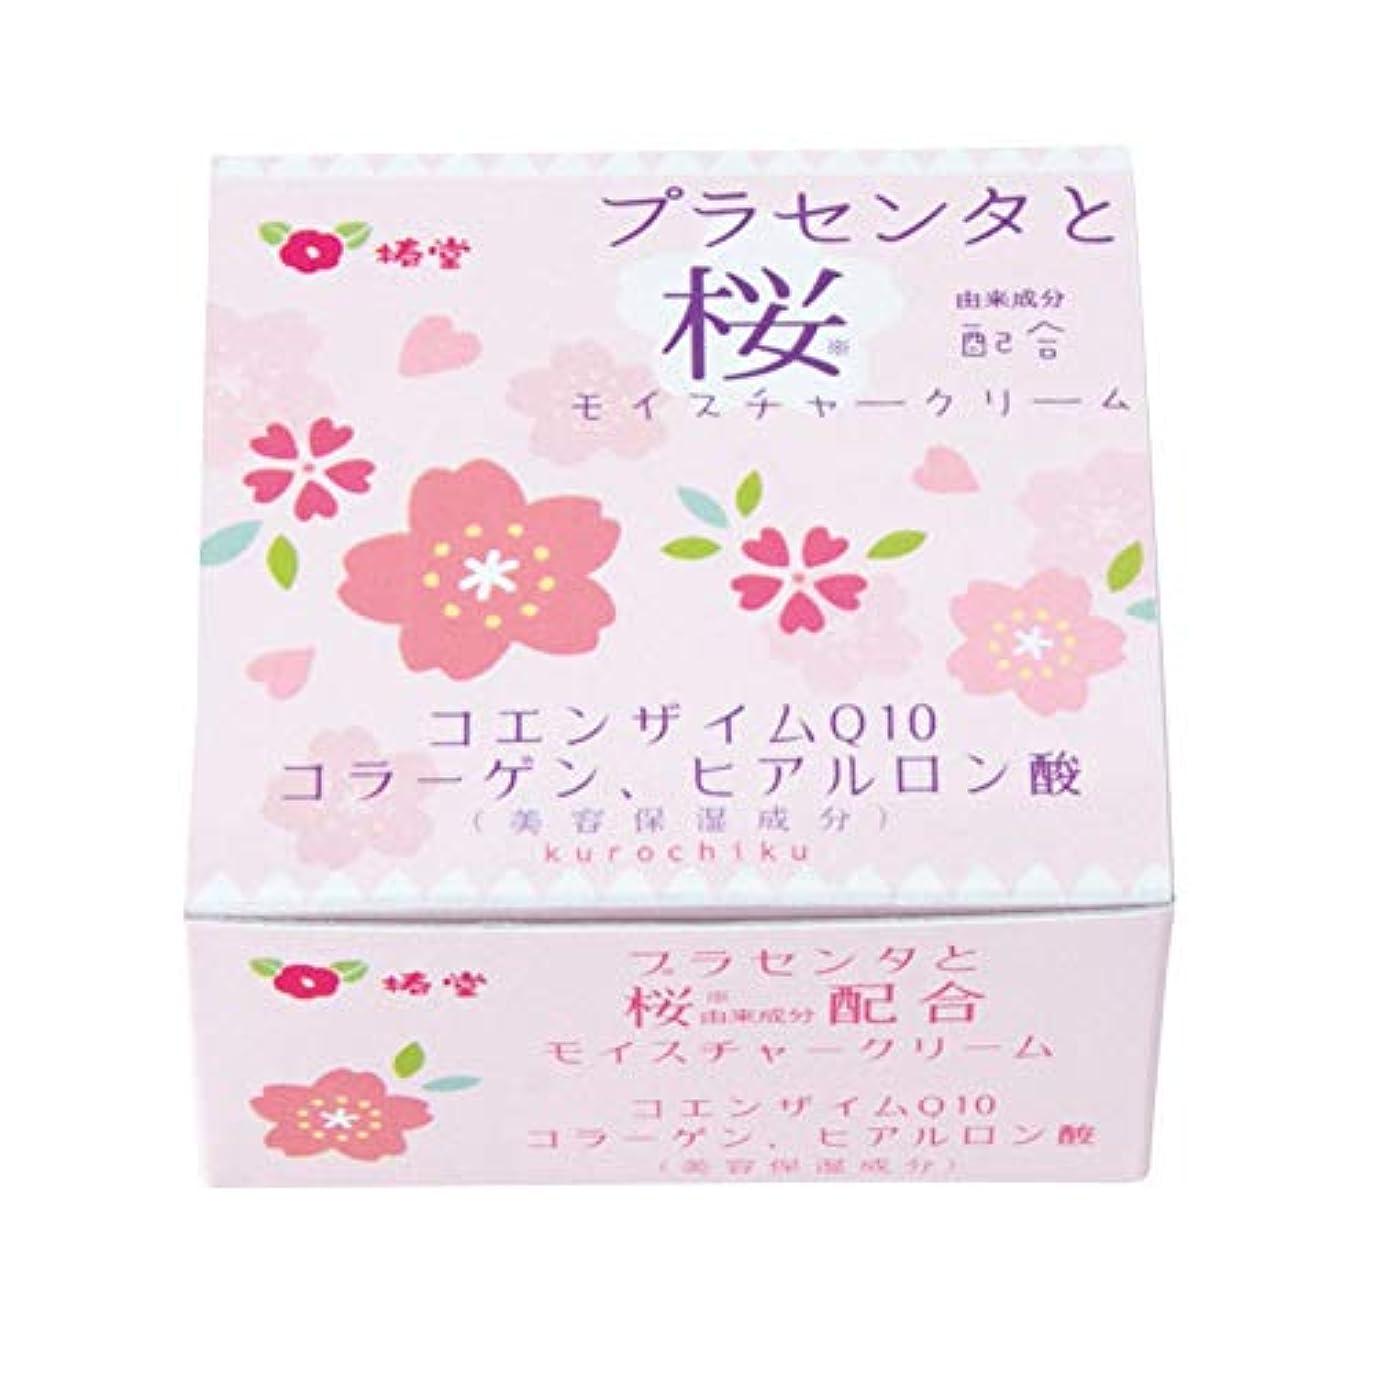 ウィンク相対的どんなときも椿堂 桜モイスチャークリーム (プラセンタと桜) 京都くろちく